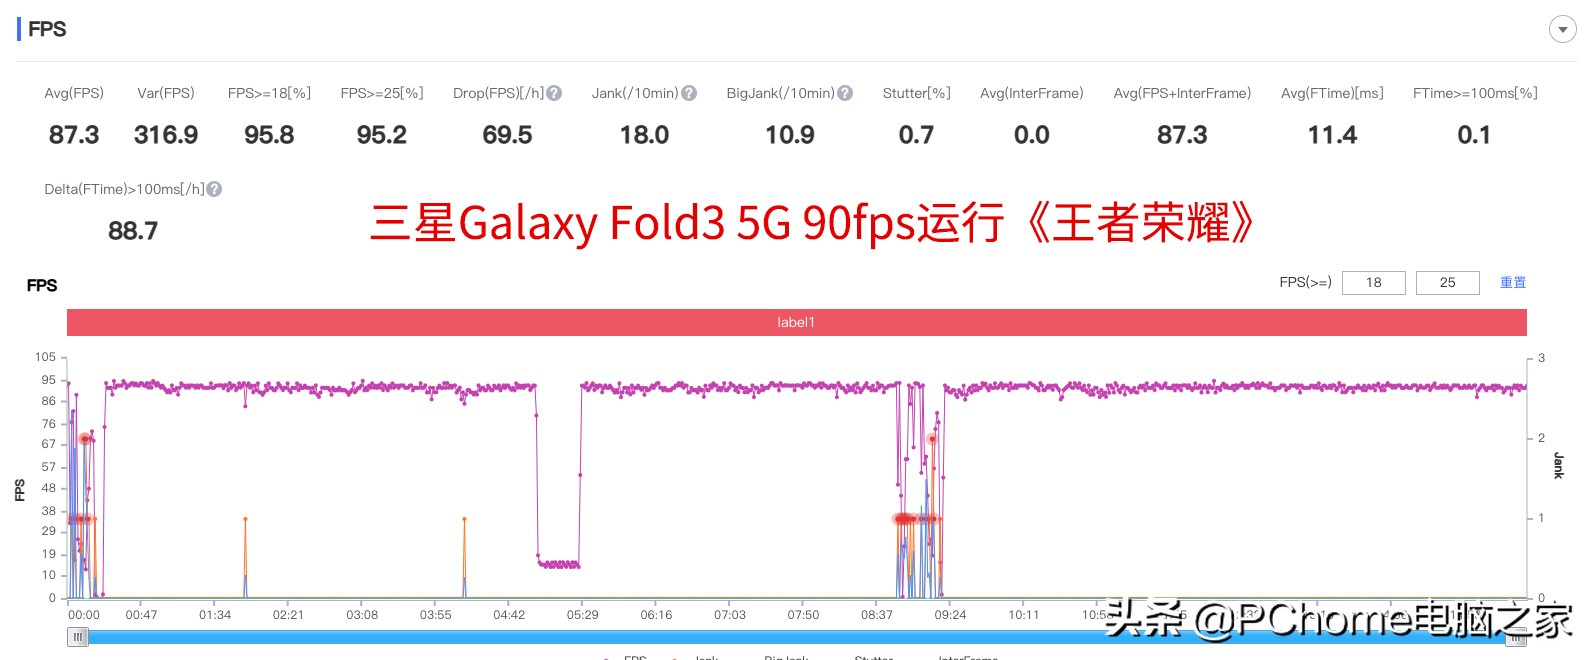 三星Galaxy Z Fold3评测:缝合折叠屏和屏下摄像的未来旗舰